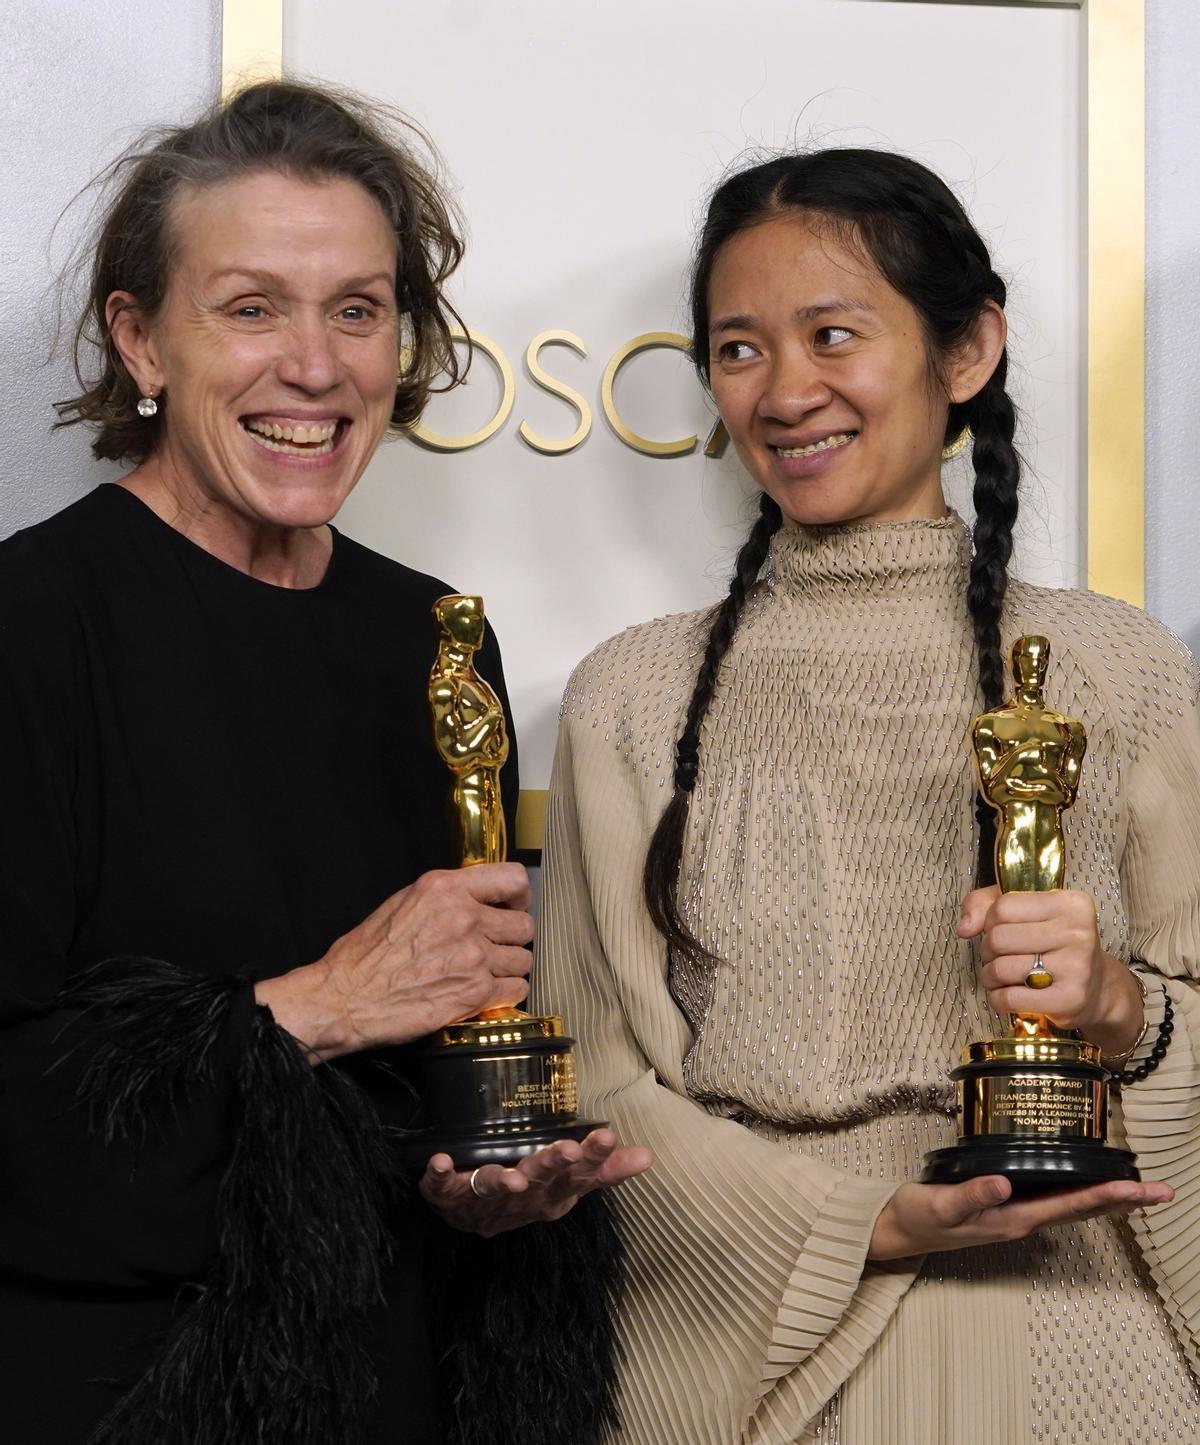 La actriz Frances McDormand y la directora Chloe Zhao, tras ganar el Oscar por 'Nomadland'.